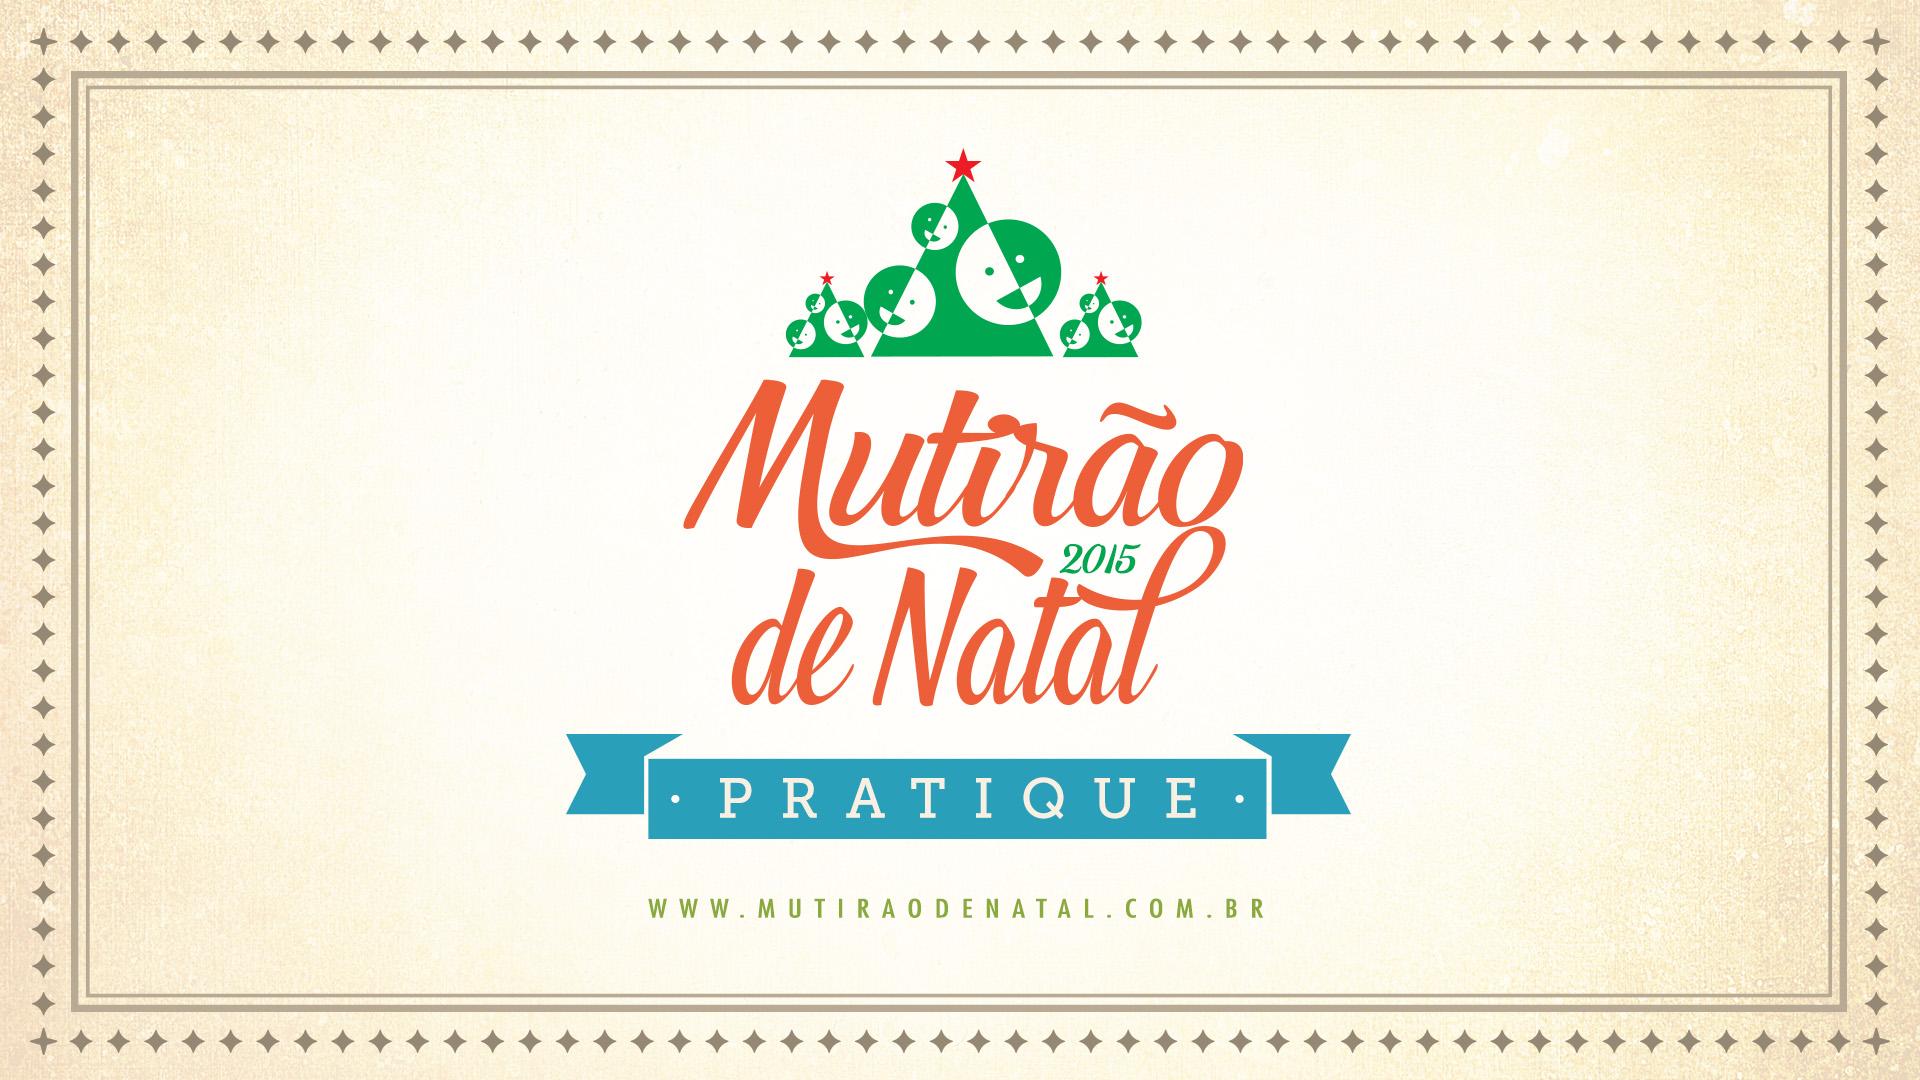 Empresario-adventista-mobiliza-funcionarios-para-Mutirao-de-Natal2